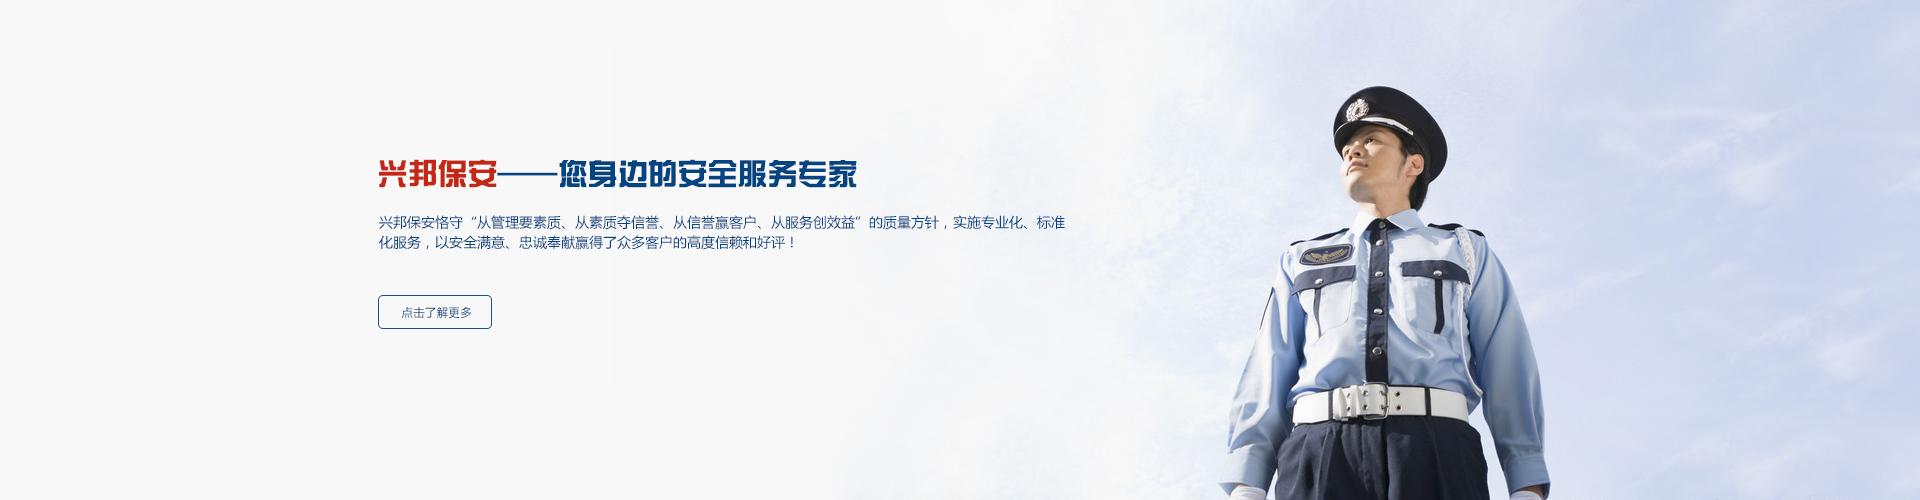 必威登录网站必威体育网页版